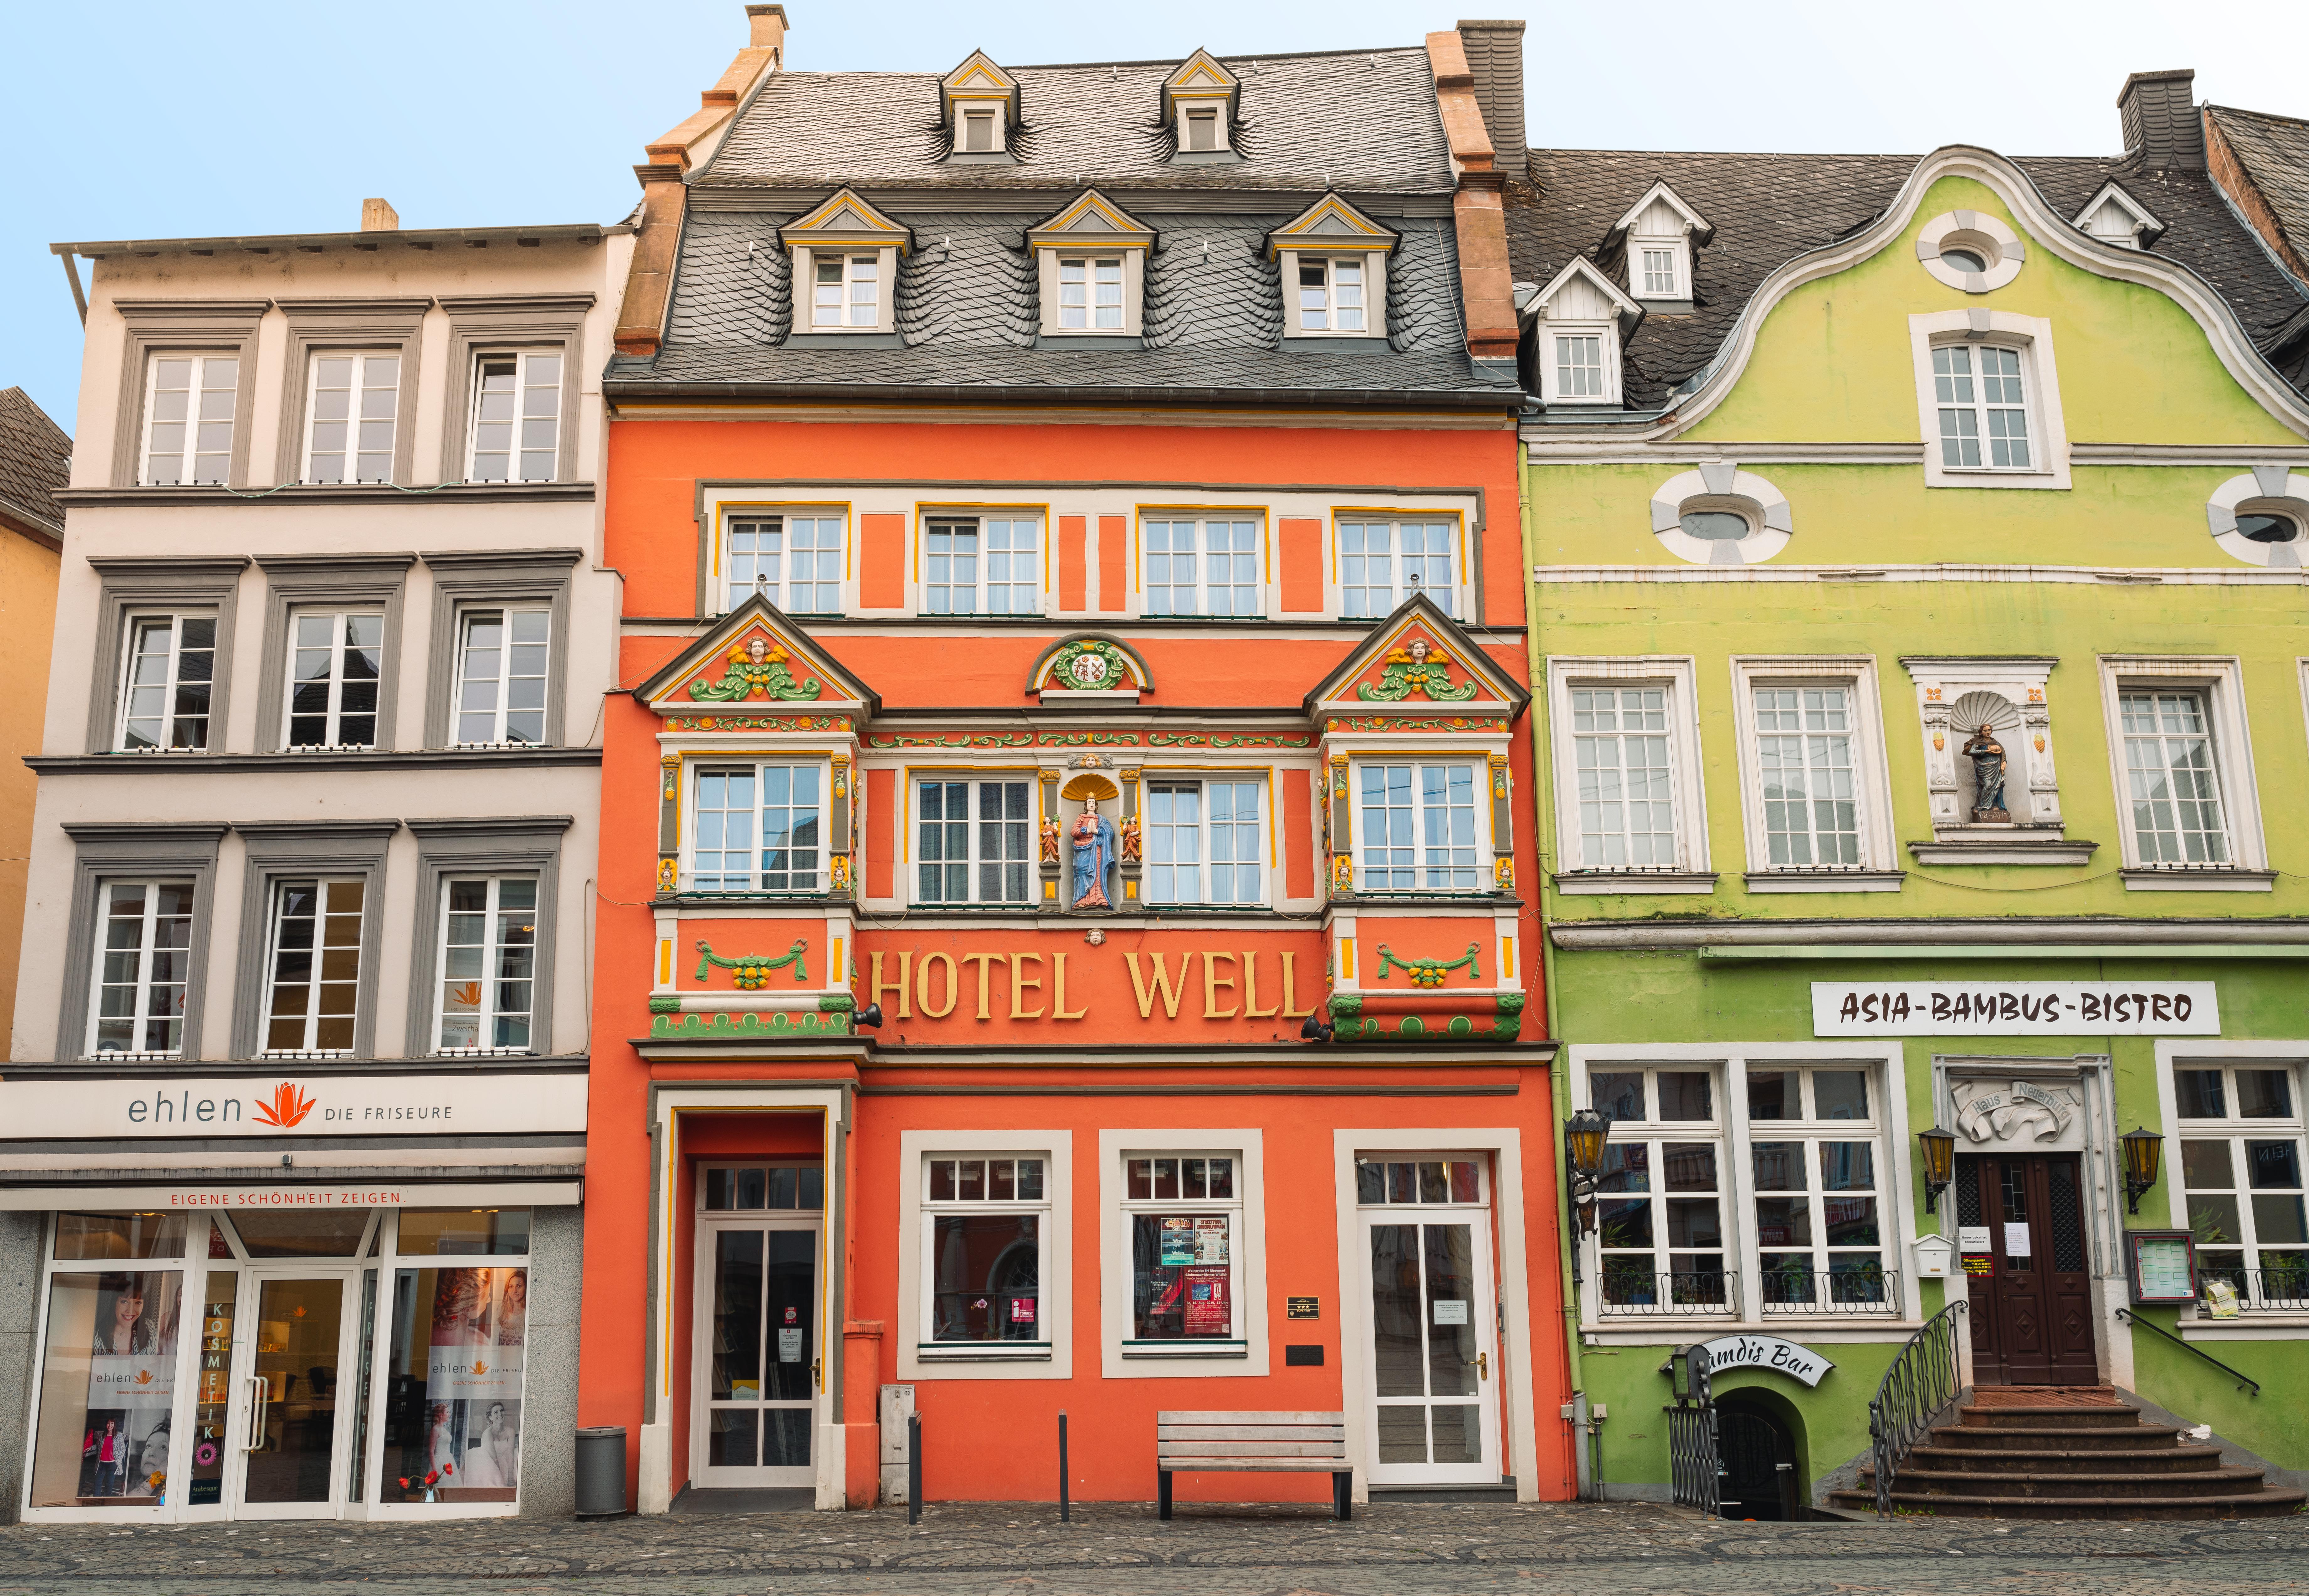 Entdecke unser schönes Hotel Well - Mitten in der wittlicher Innenstadt zwischen Eifel und Mosel